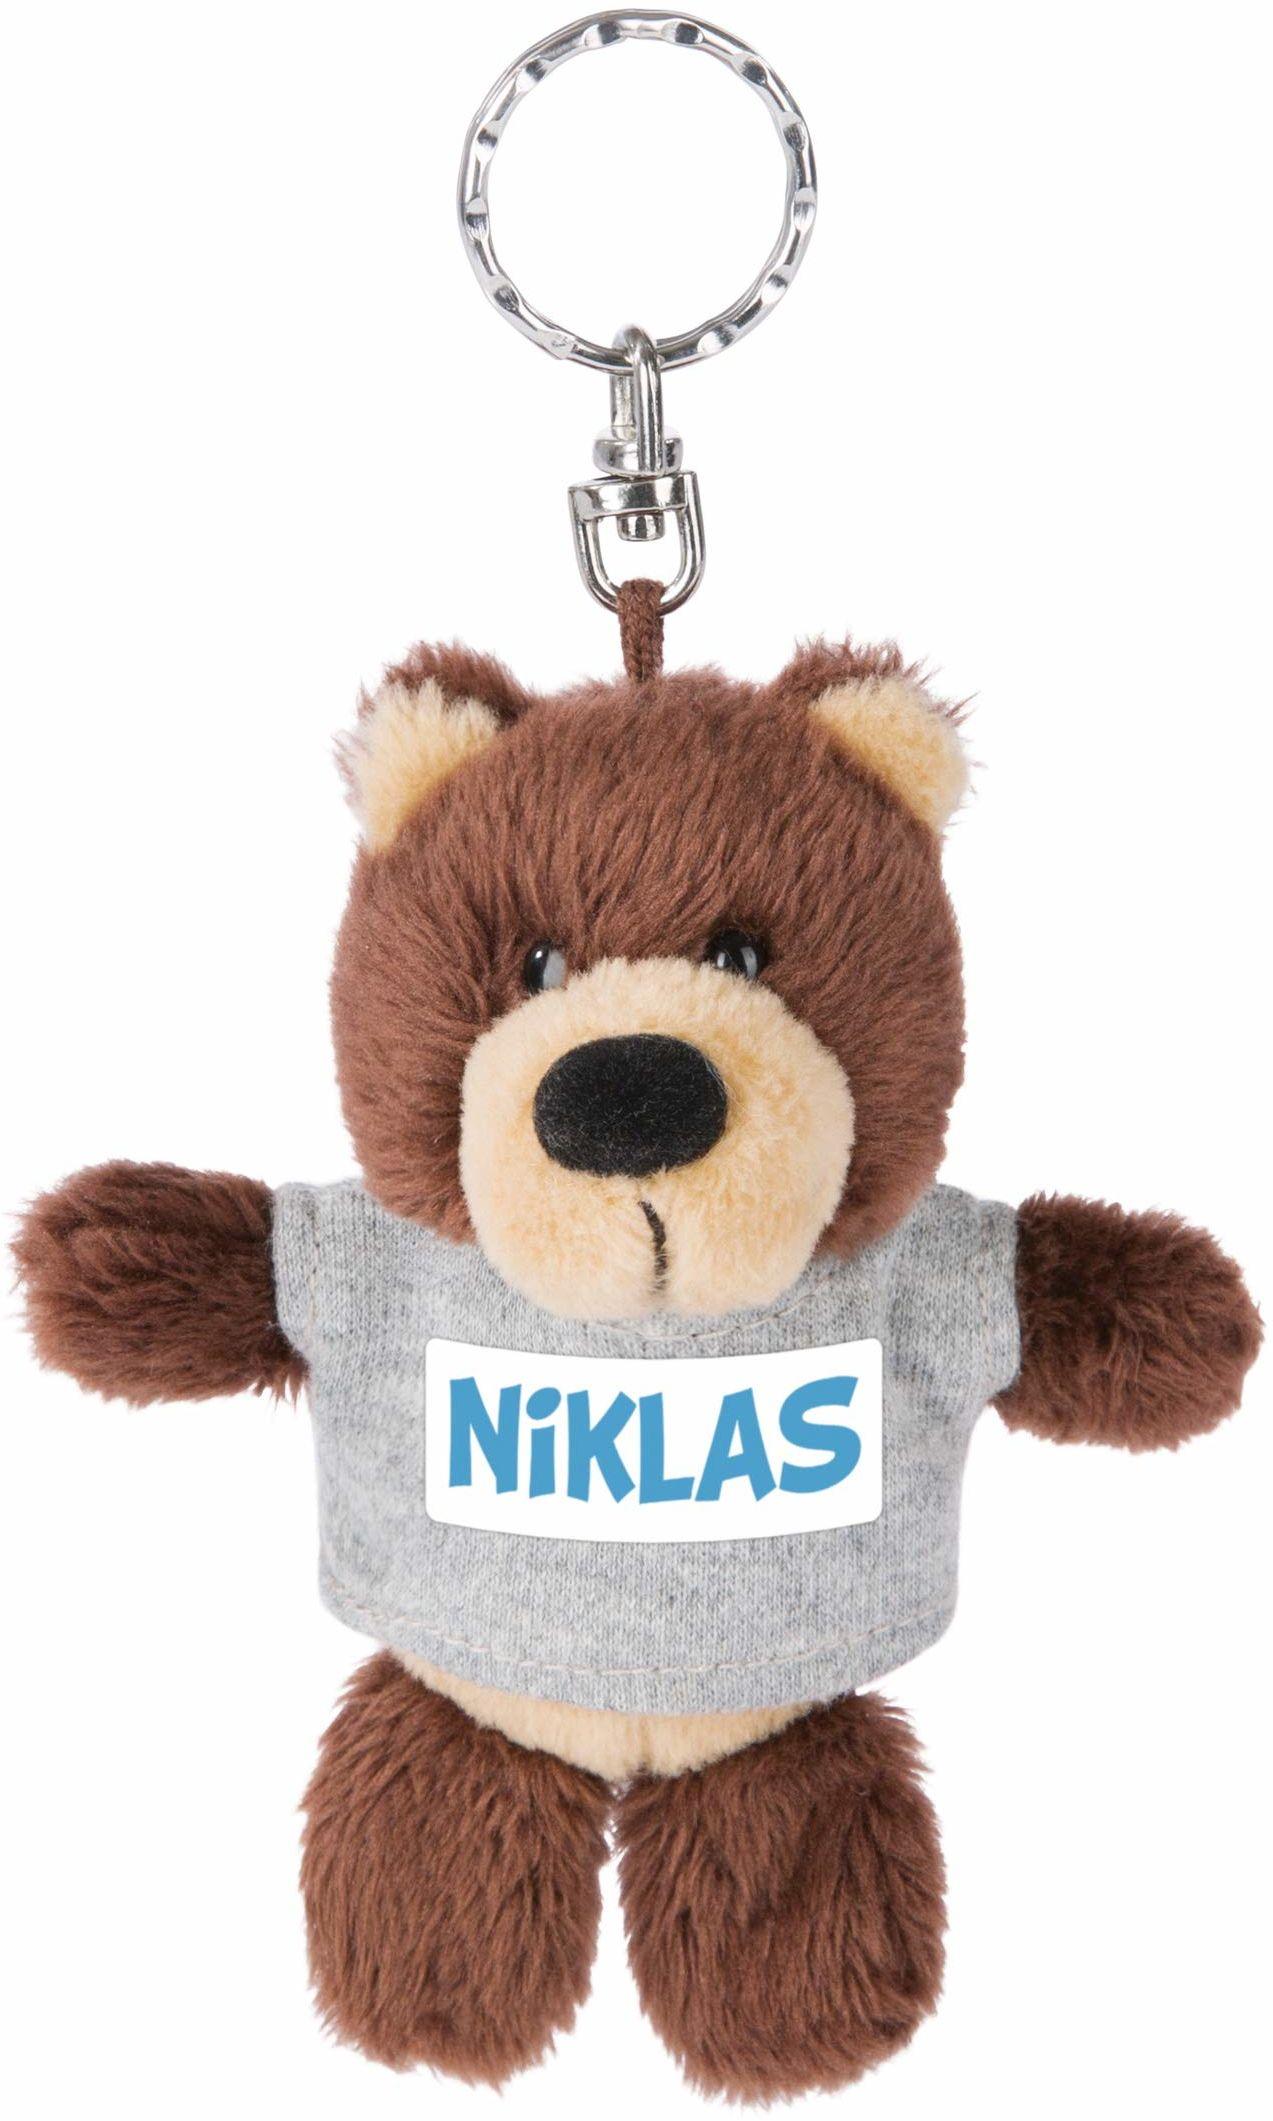 NICI 44690 breloczek do kluczy niedźwiedź z T-shirtem Niklas 10 cm, brązowy